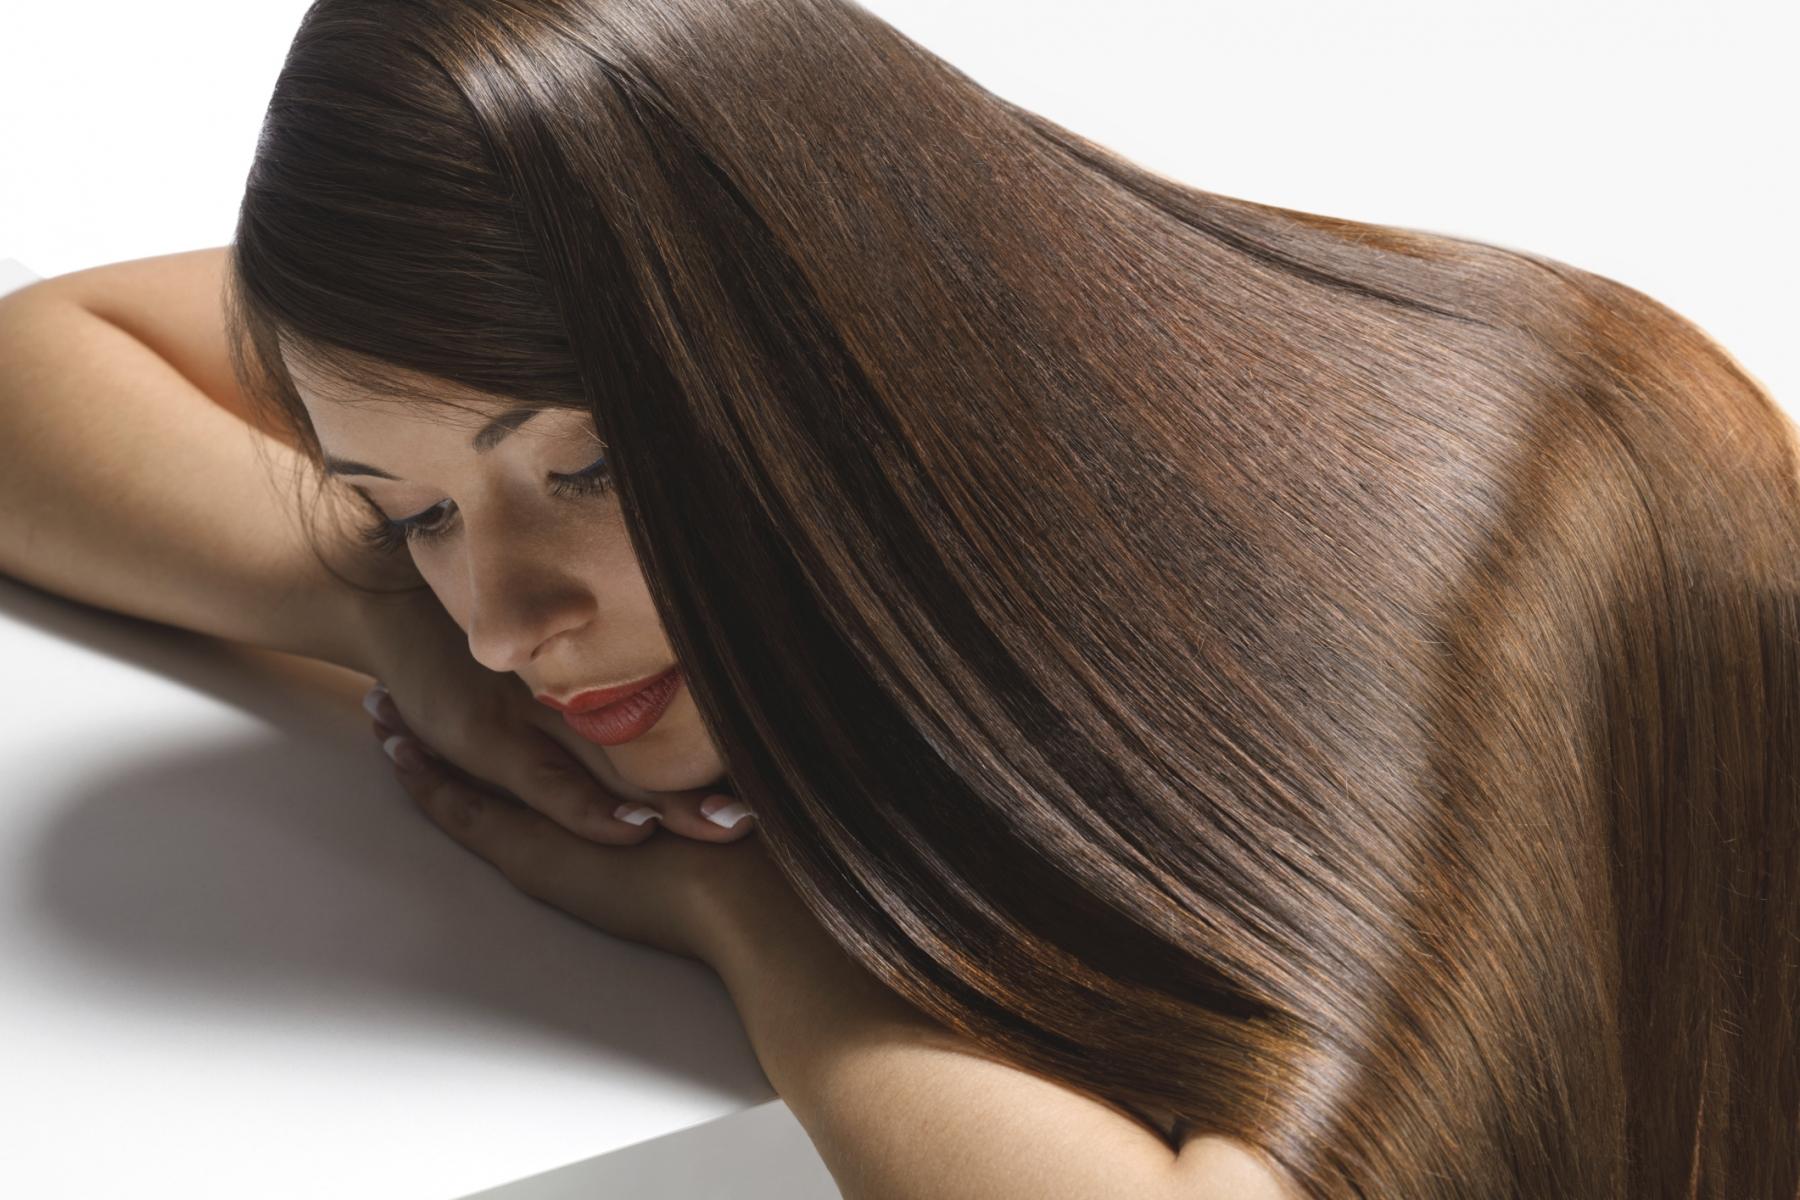 Как сделать чтобы волосы были гладкие и шелковистыми